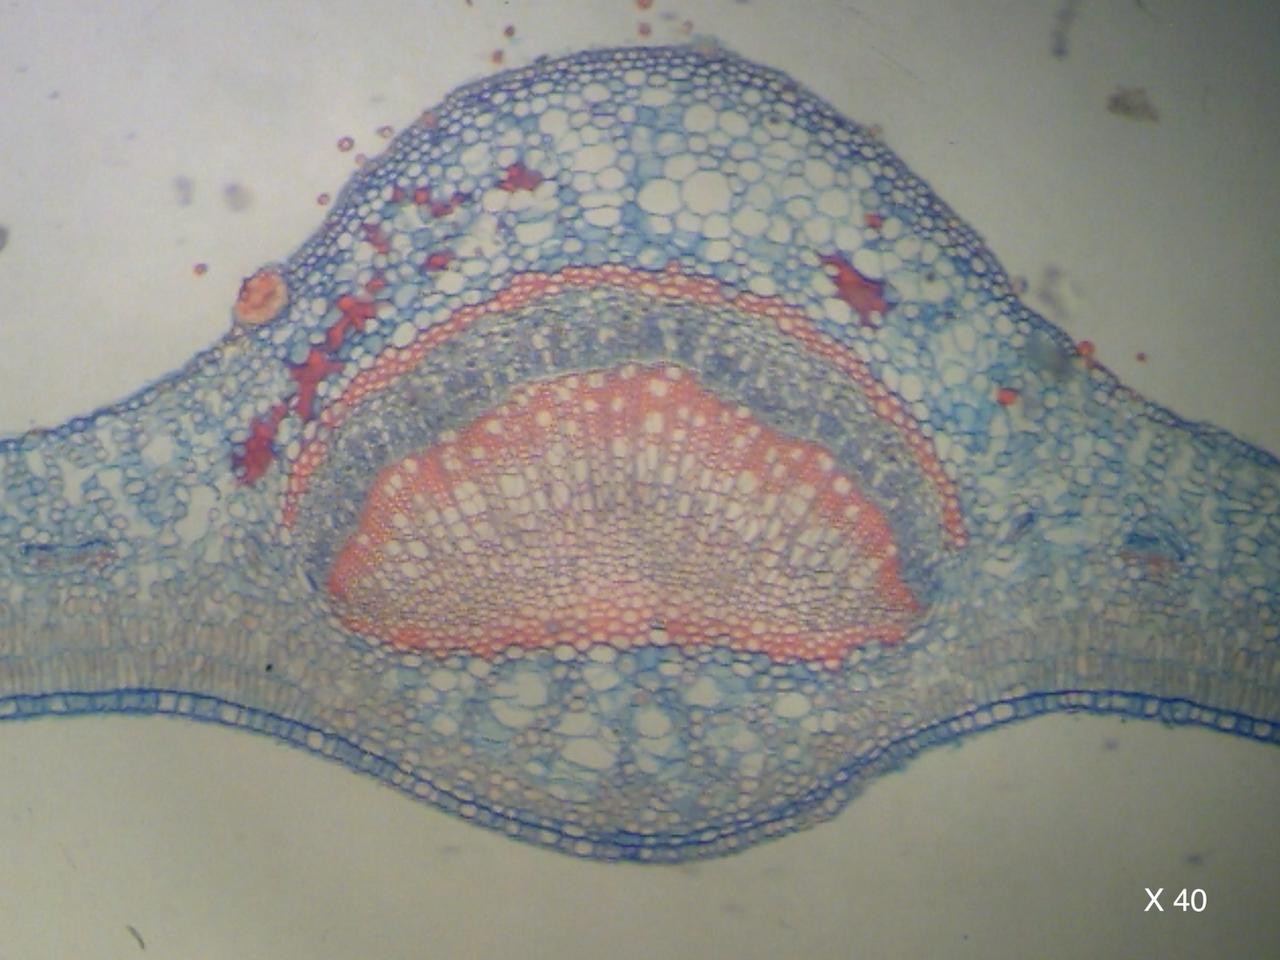 Fougère coupe microscopique